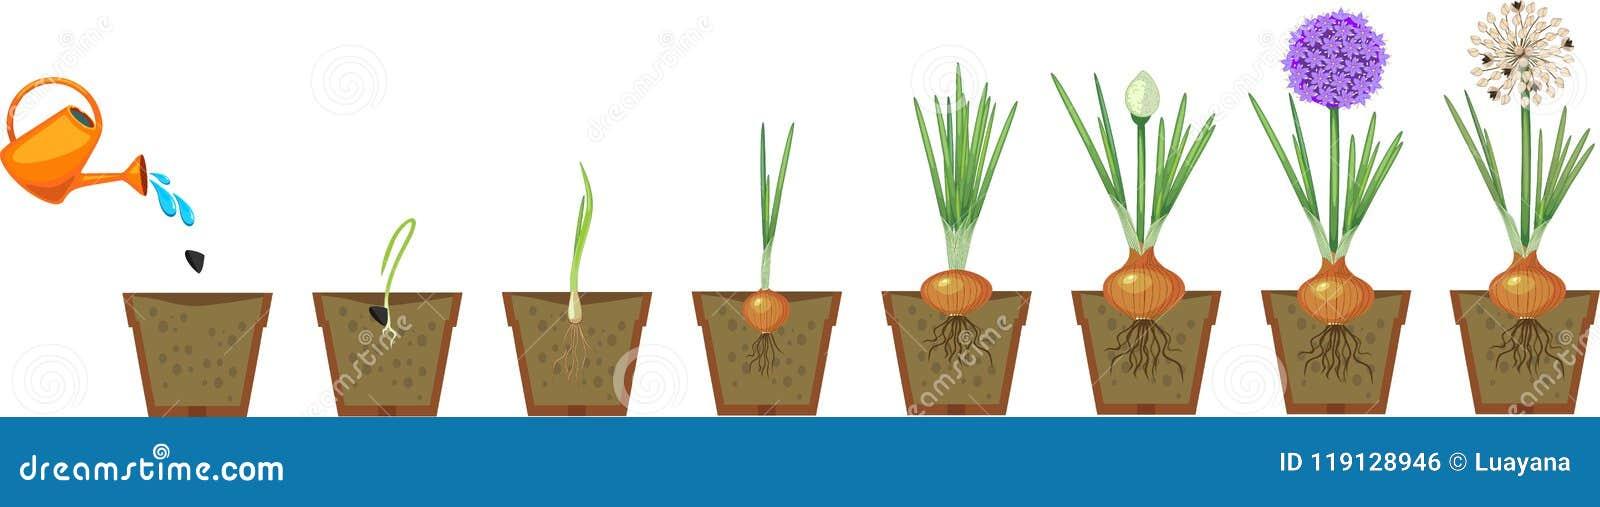 Στάδια αύξησης κρεμμυδιών από τη σπορά στο άνθισμα και το fruit-bearing φυτό